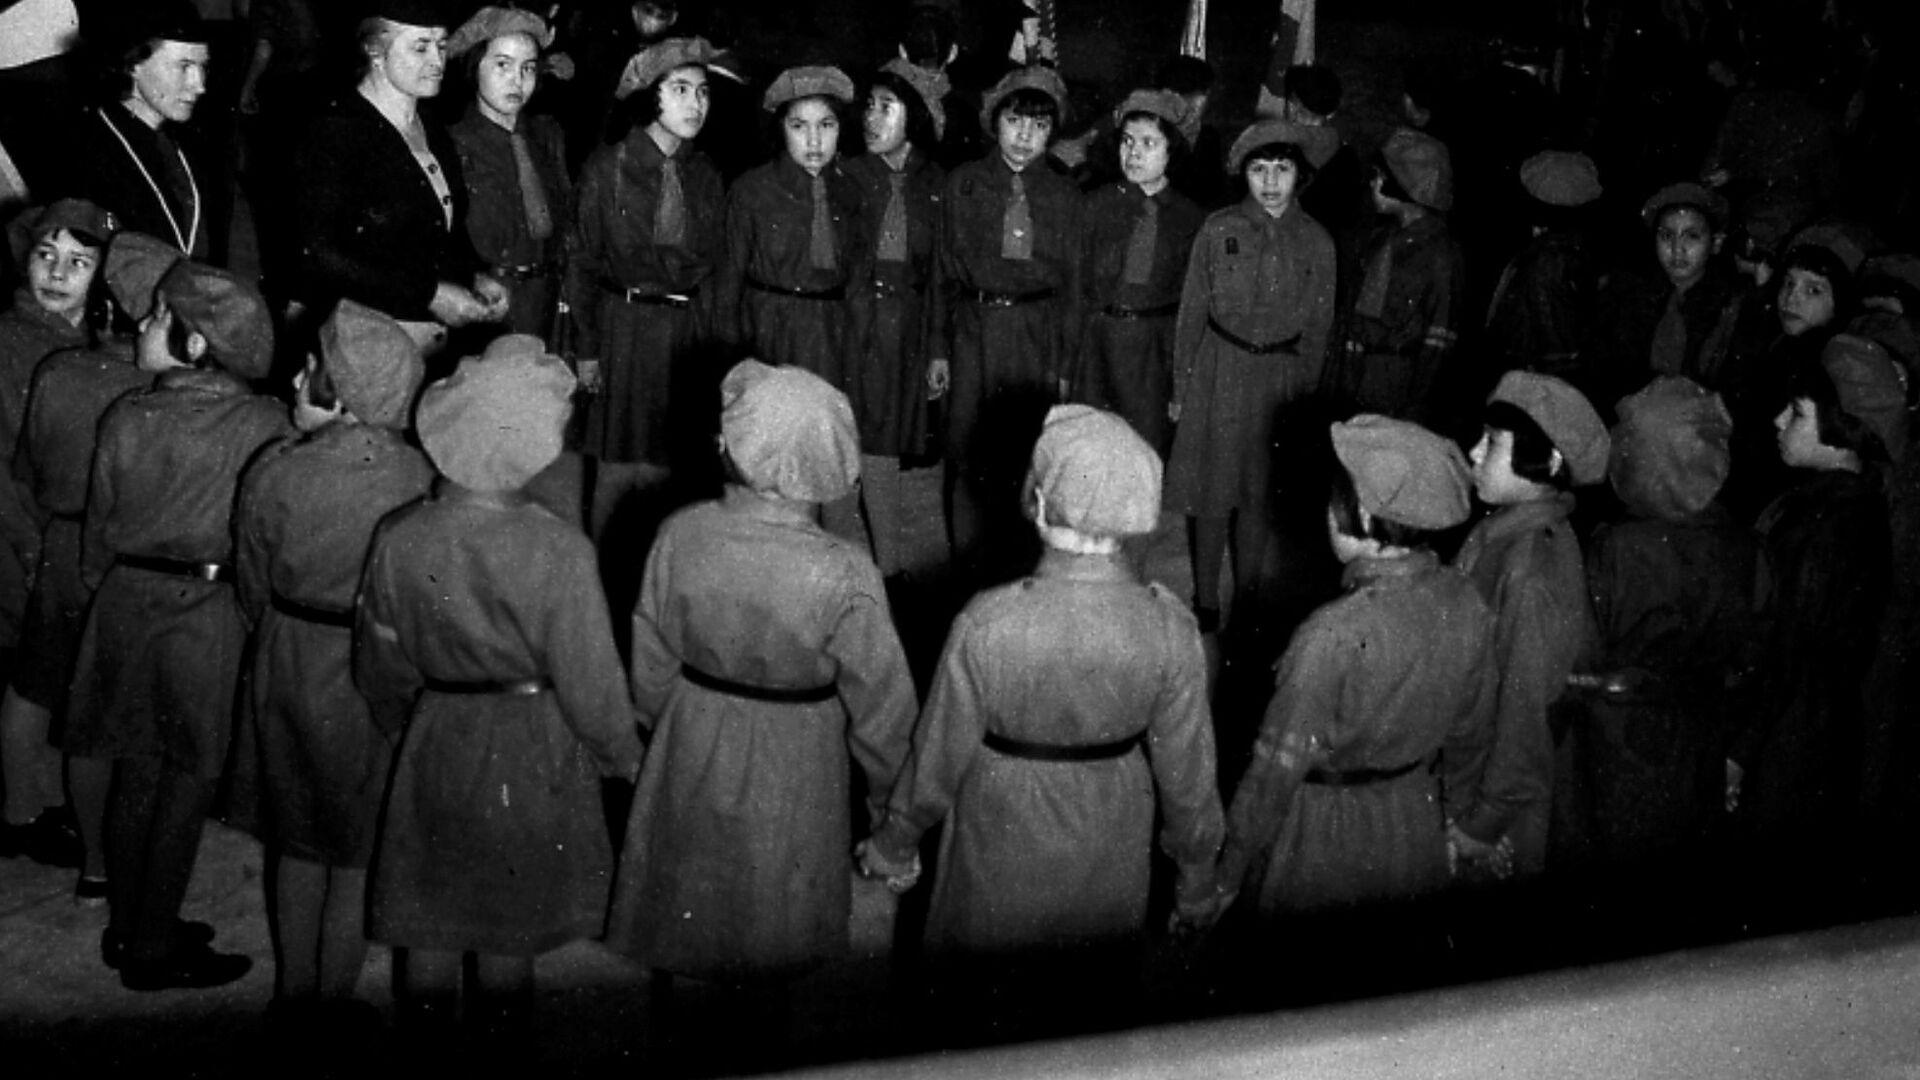 Gli alluni della scuola canadese di Shingwauk, 1951 - Sputnik Italia, 1920, 30.06.2021